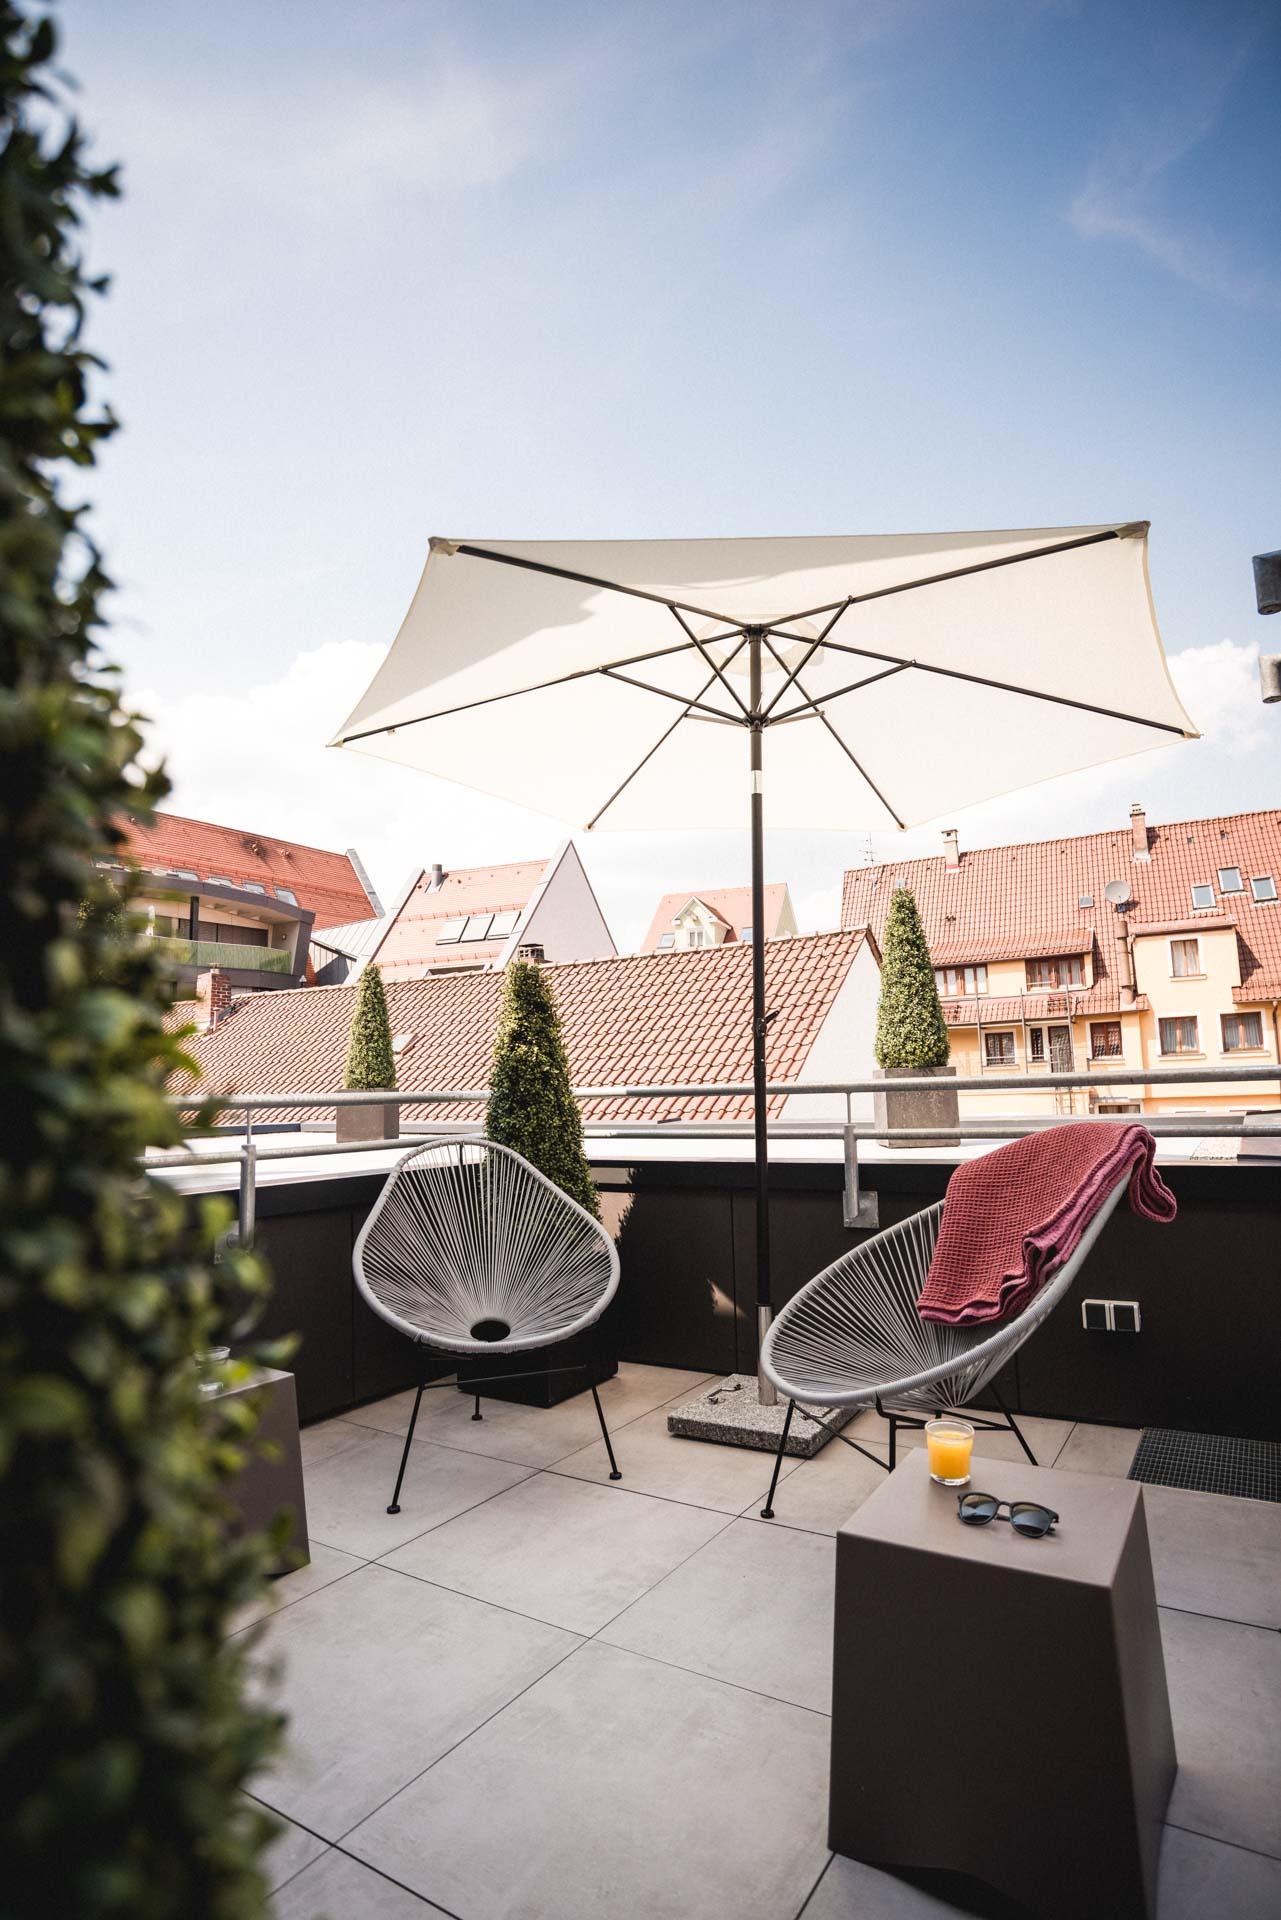 Ulmer Münster Hotel Balkon und Terrasse